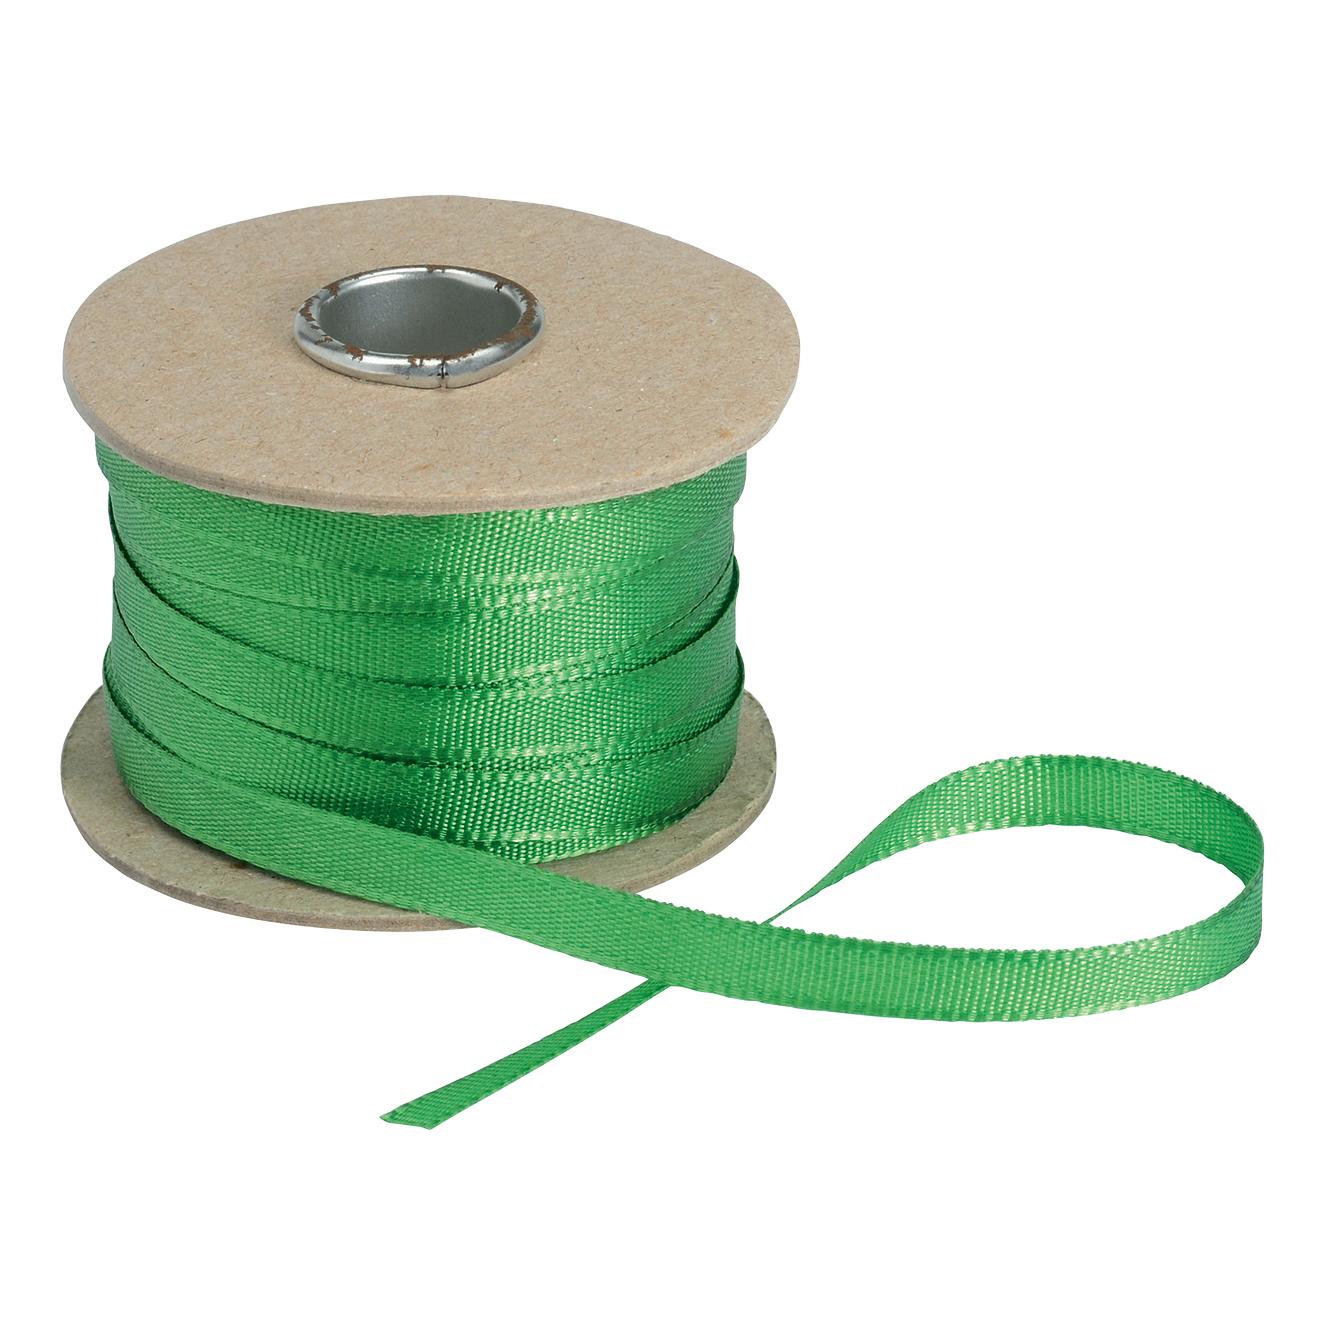 228227 Legal Tape Reel Silk 6mmx50m Green